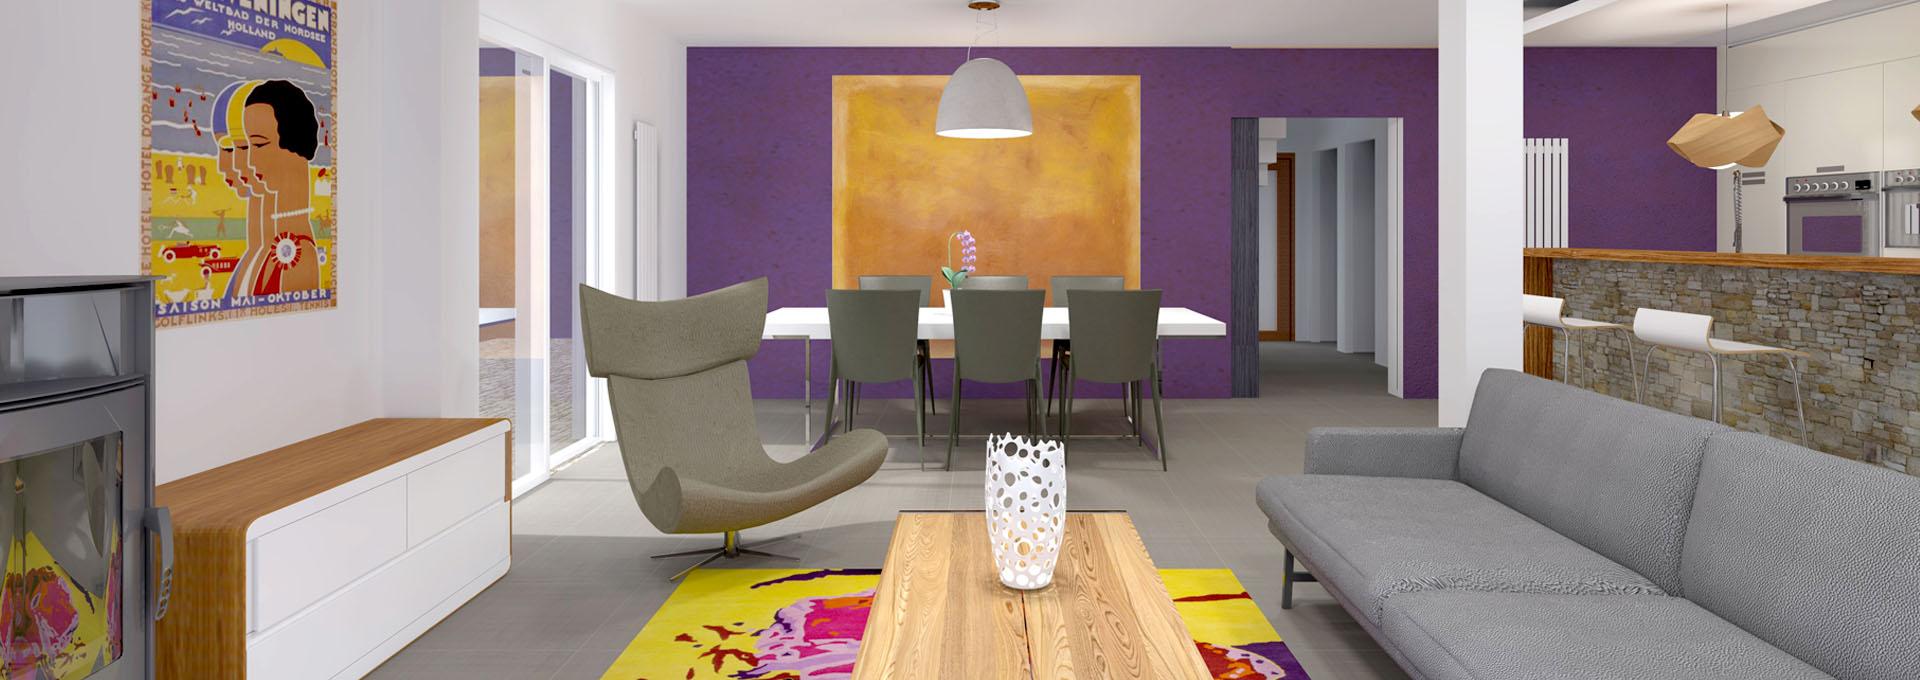 amenagement salon mur couleur agence avous architecte paris